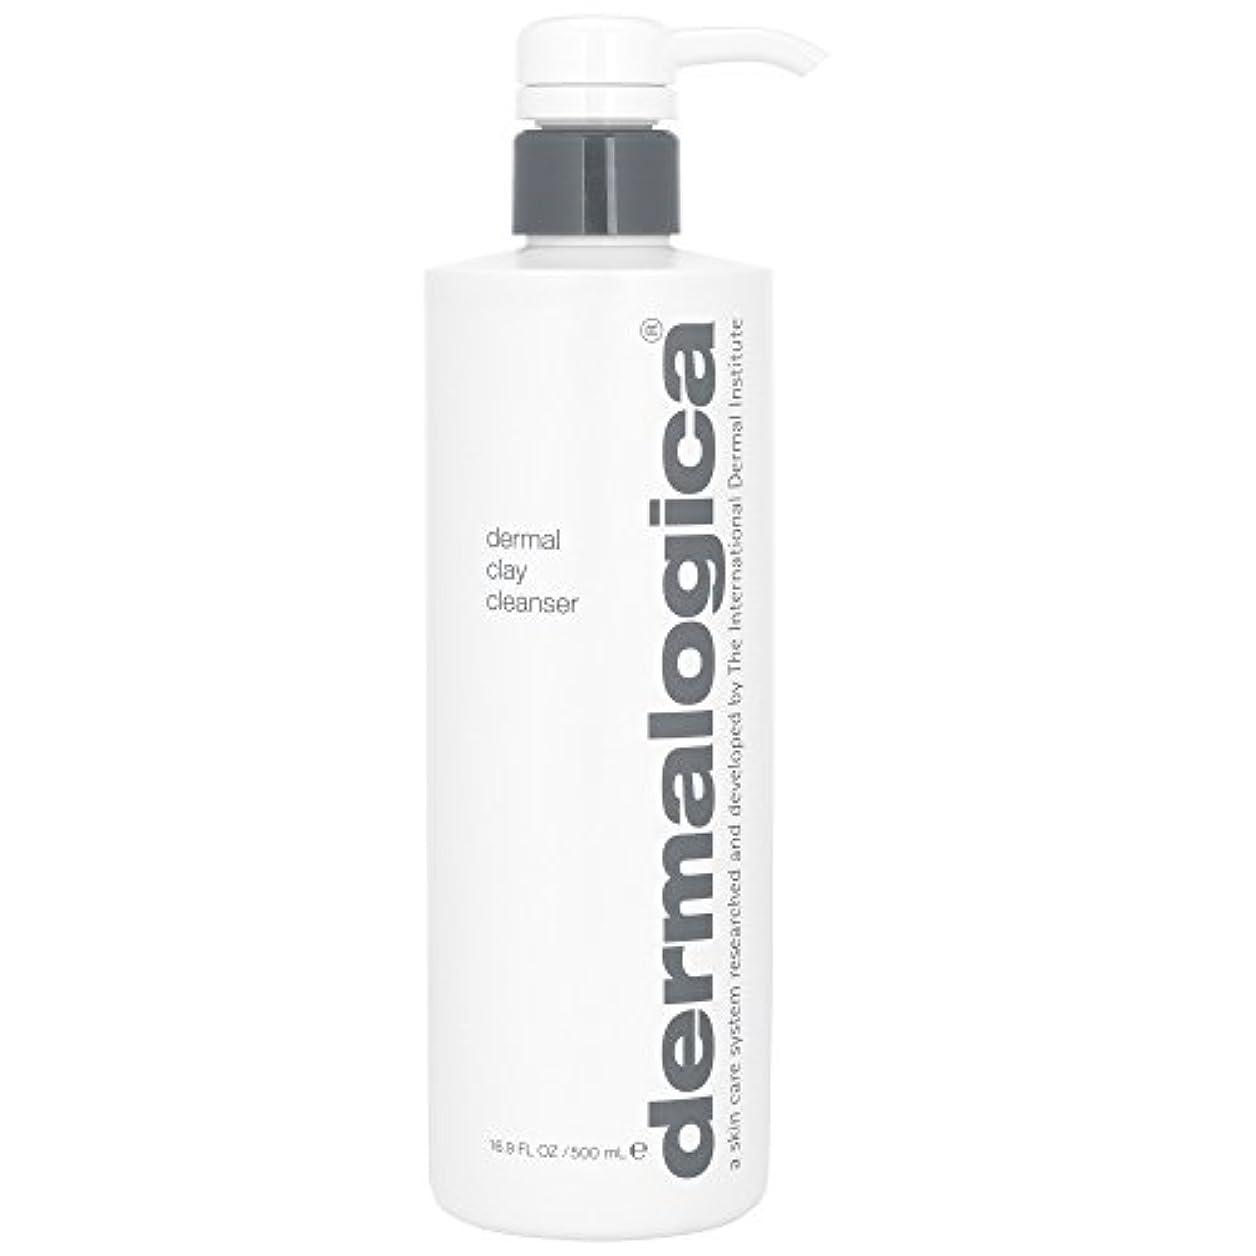 警告する生き残ります推進ダーマロジカ真皮クレイクレンザー500ミリリットル (Dermalogica) (x6) - Dermalogica Dermal Clay Cleanser 500ml (Pack of 6) [並行輸入品]